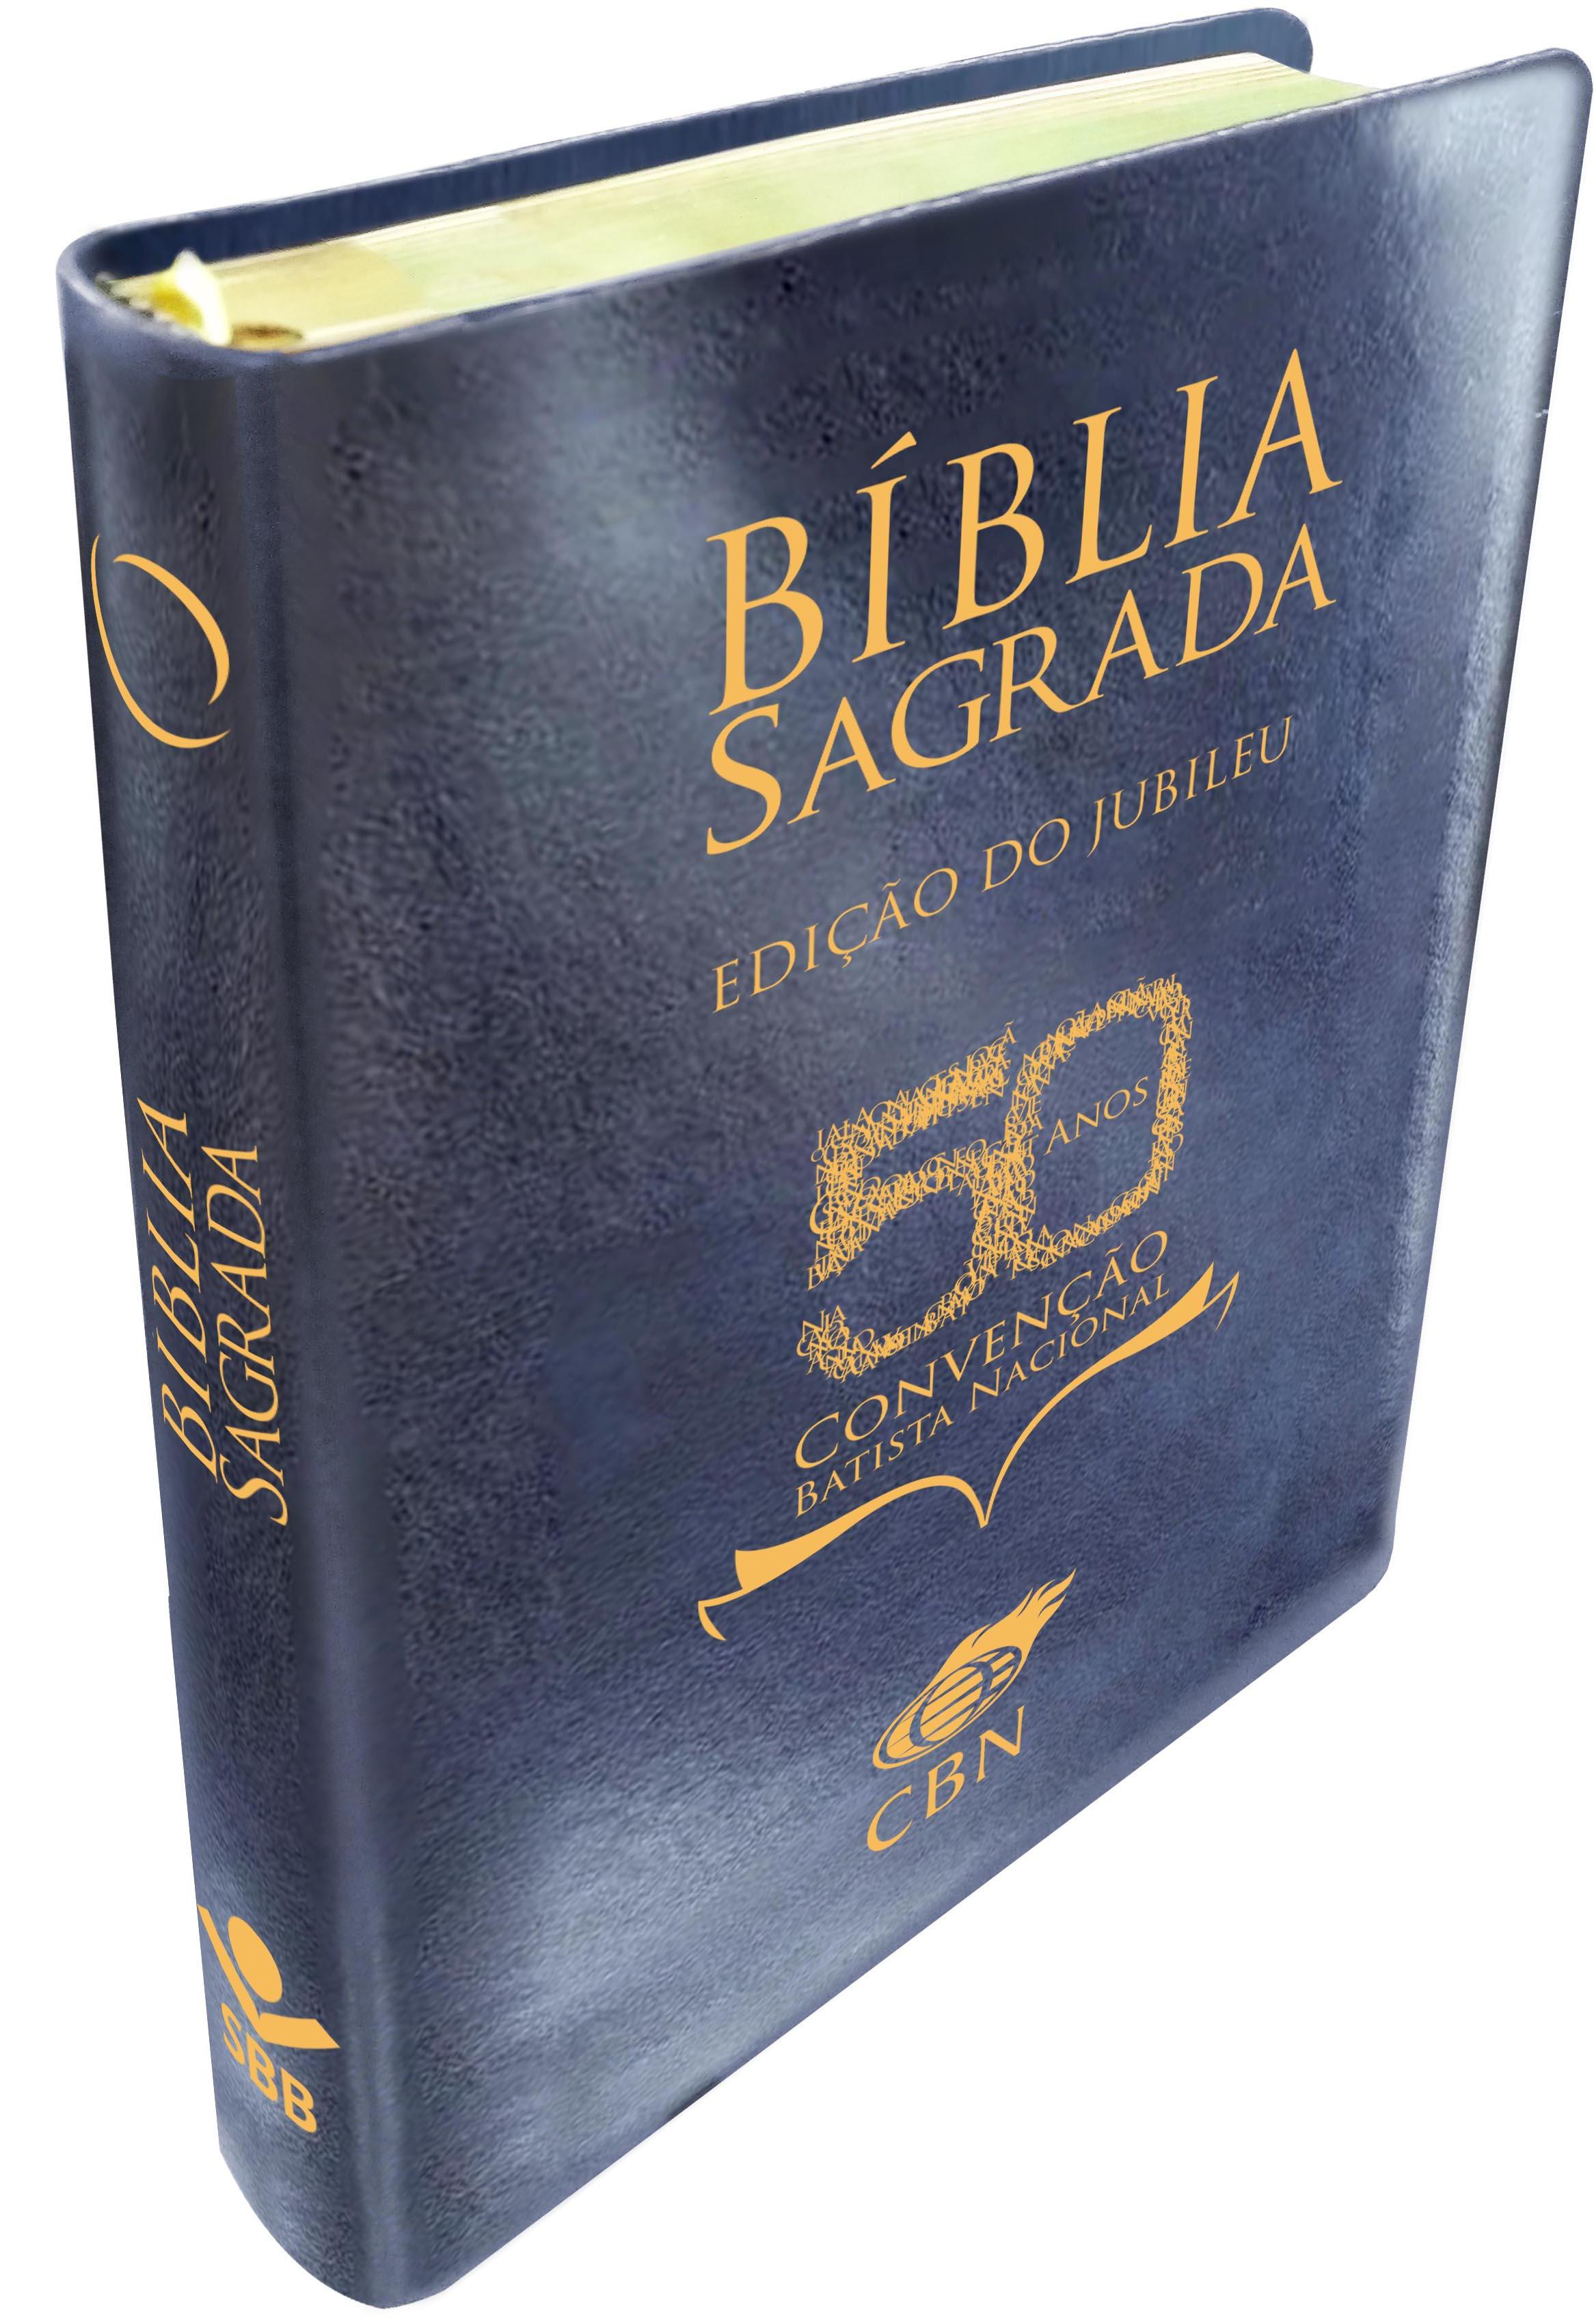 Bíblia Edição do Jubileu da CBN